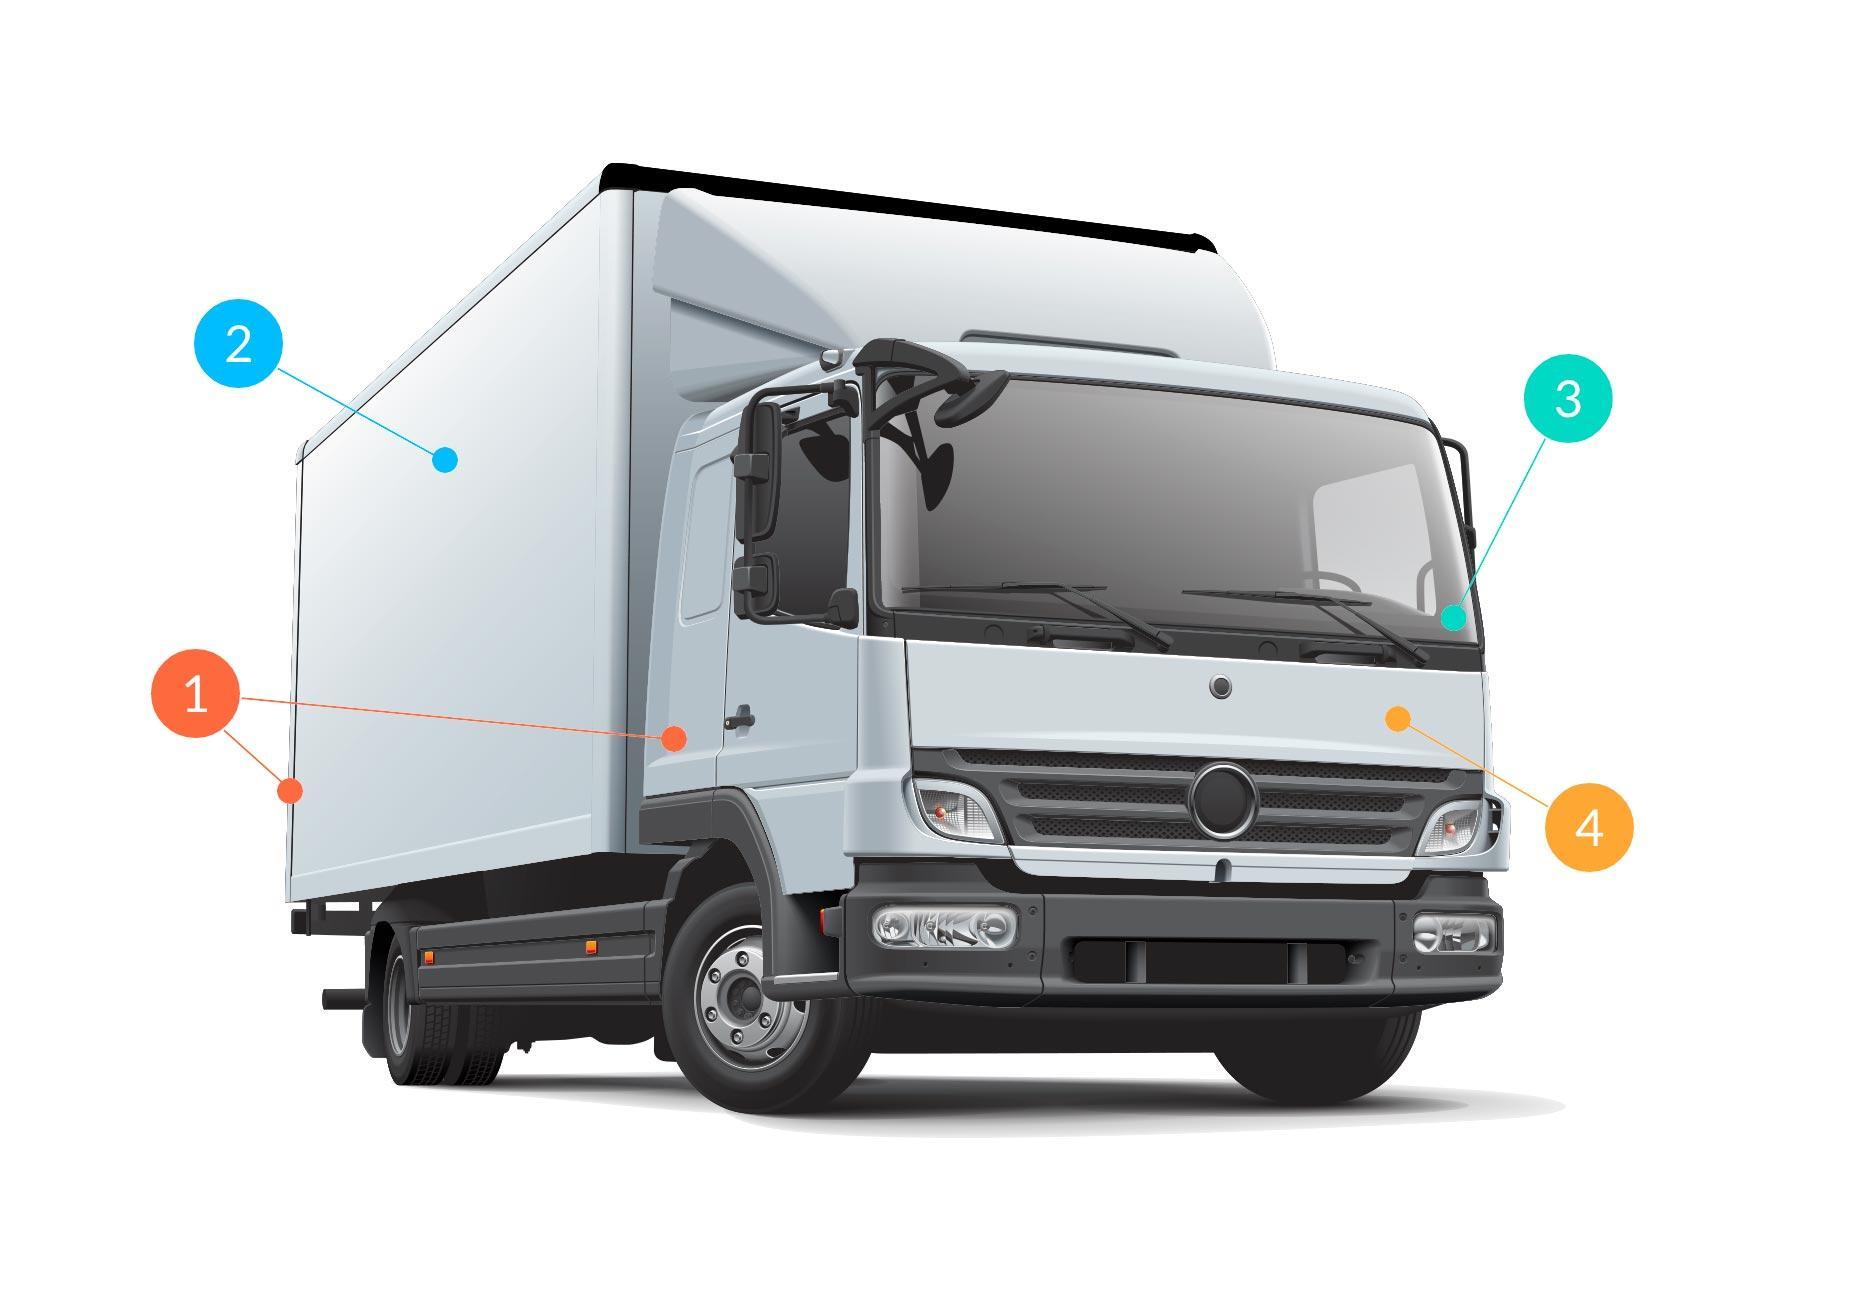 Components of the smart fleet truck